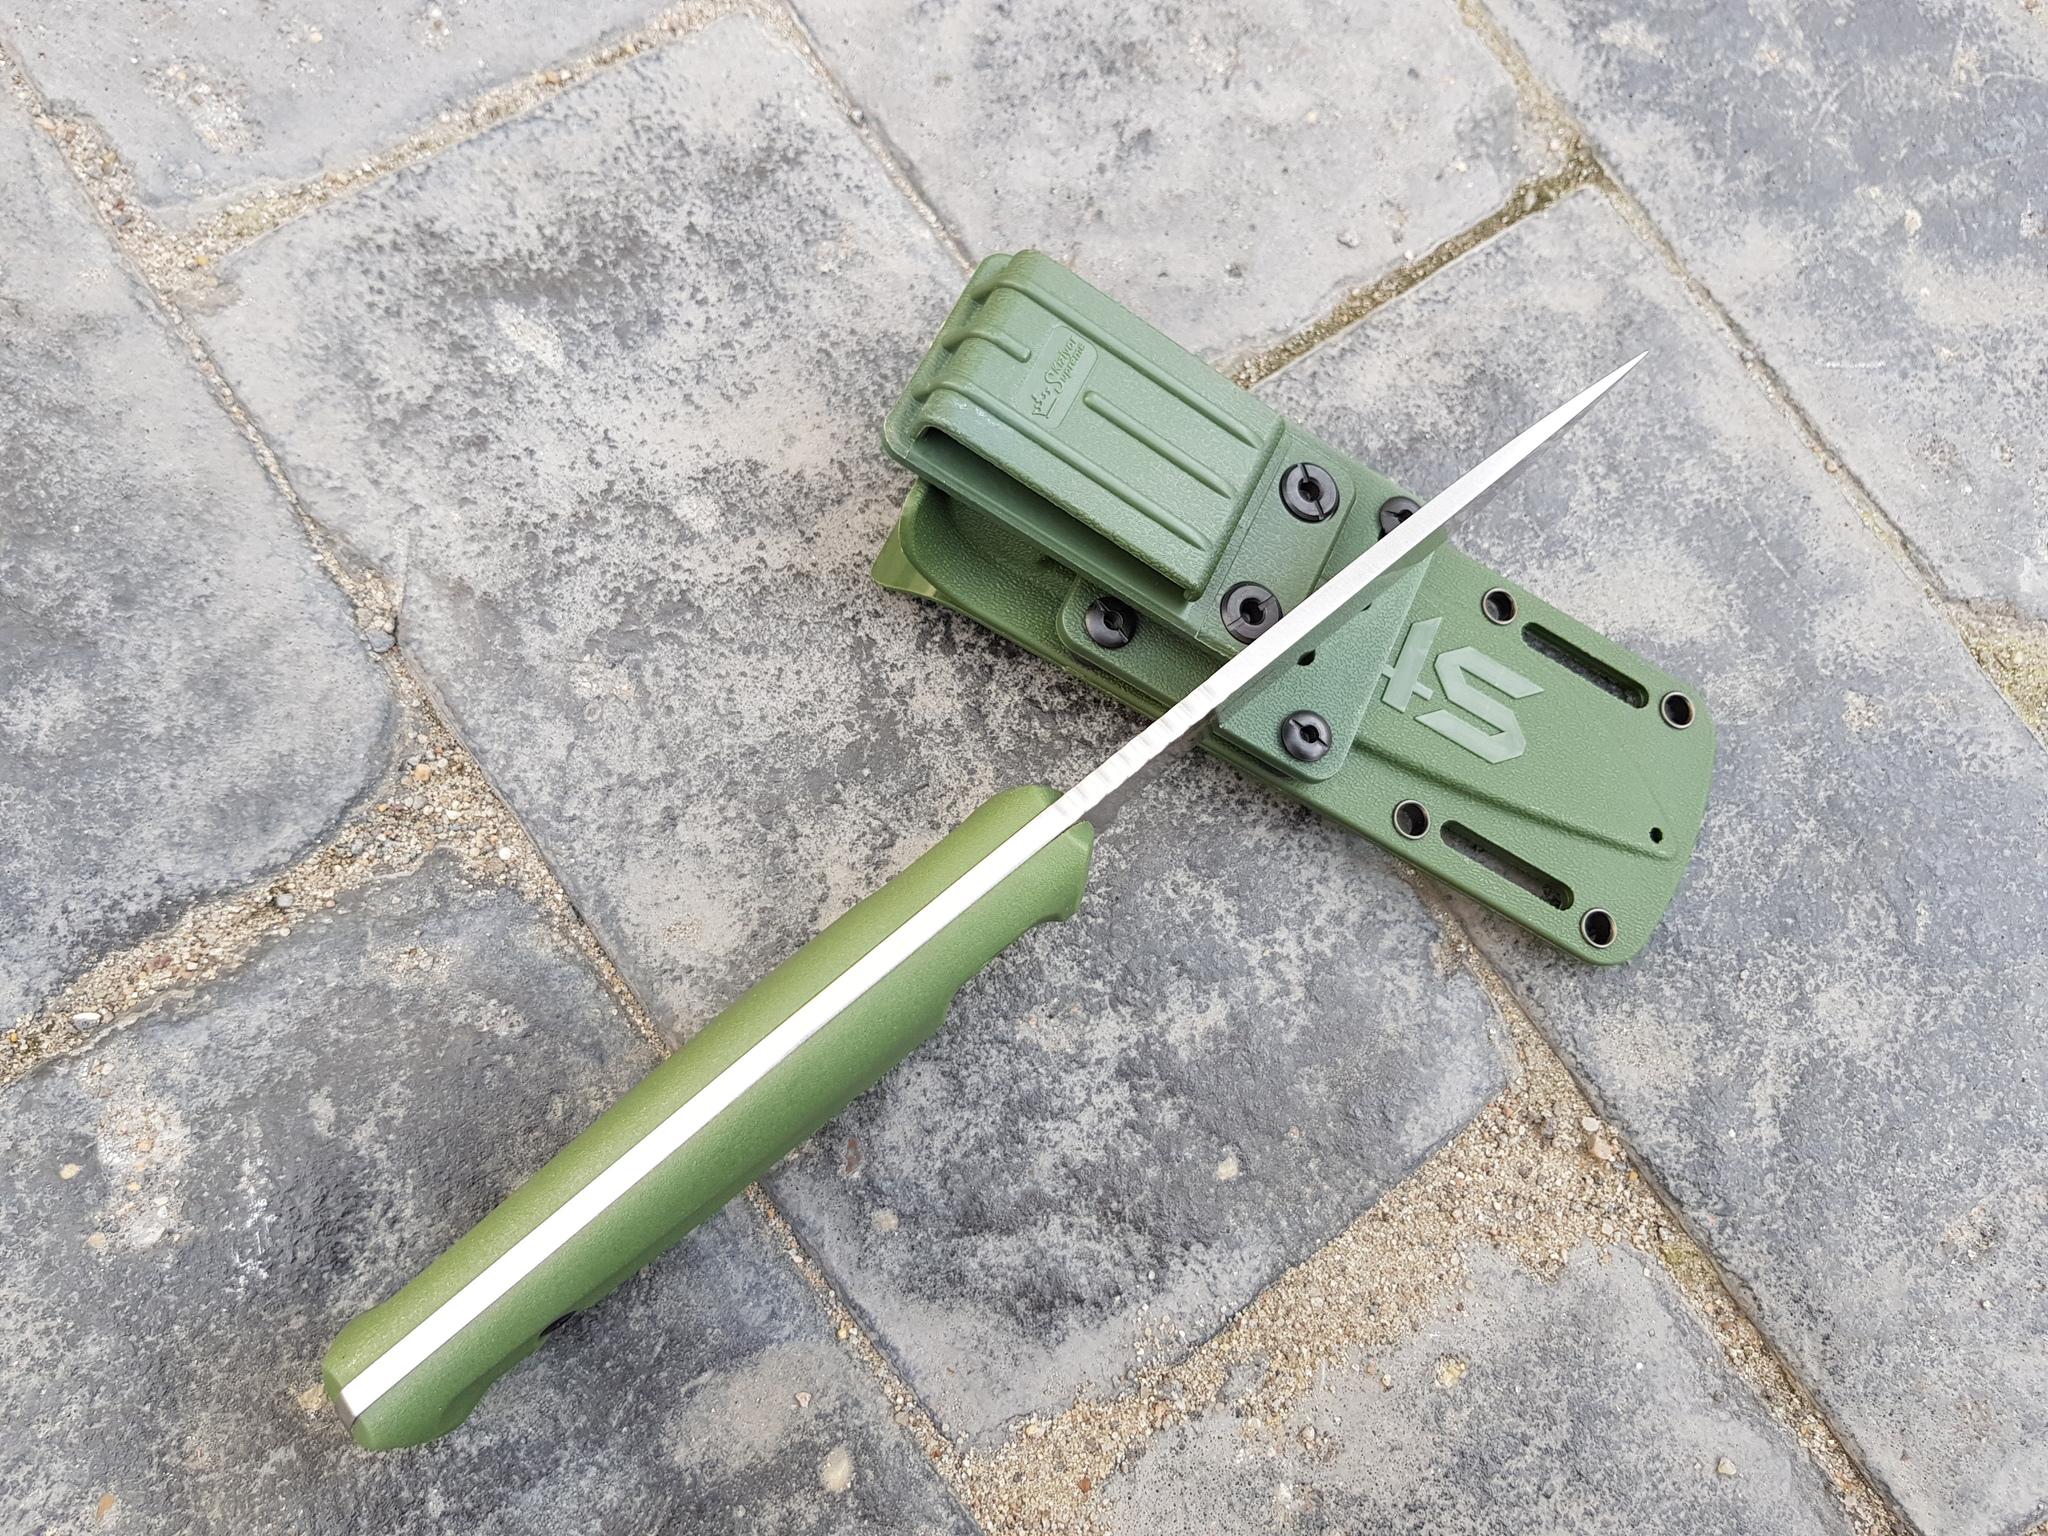 Фото 30 - Тактический нож Sturm AUS-8 S BS SW олива, Кизляр от Kizlyar Supreme